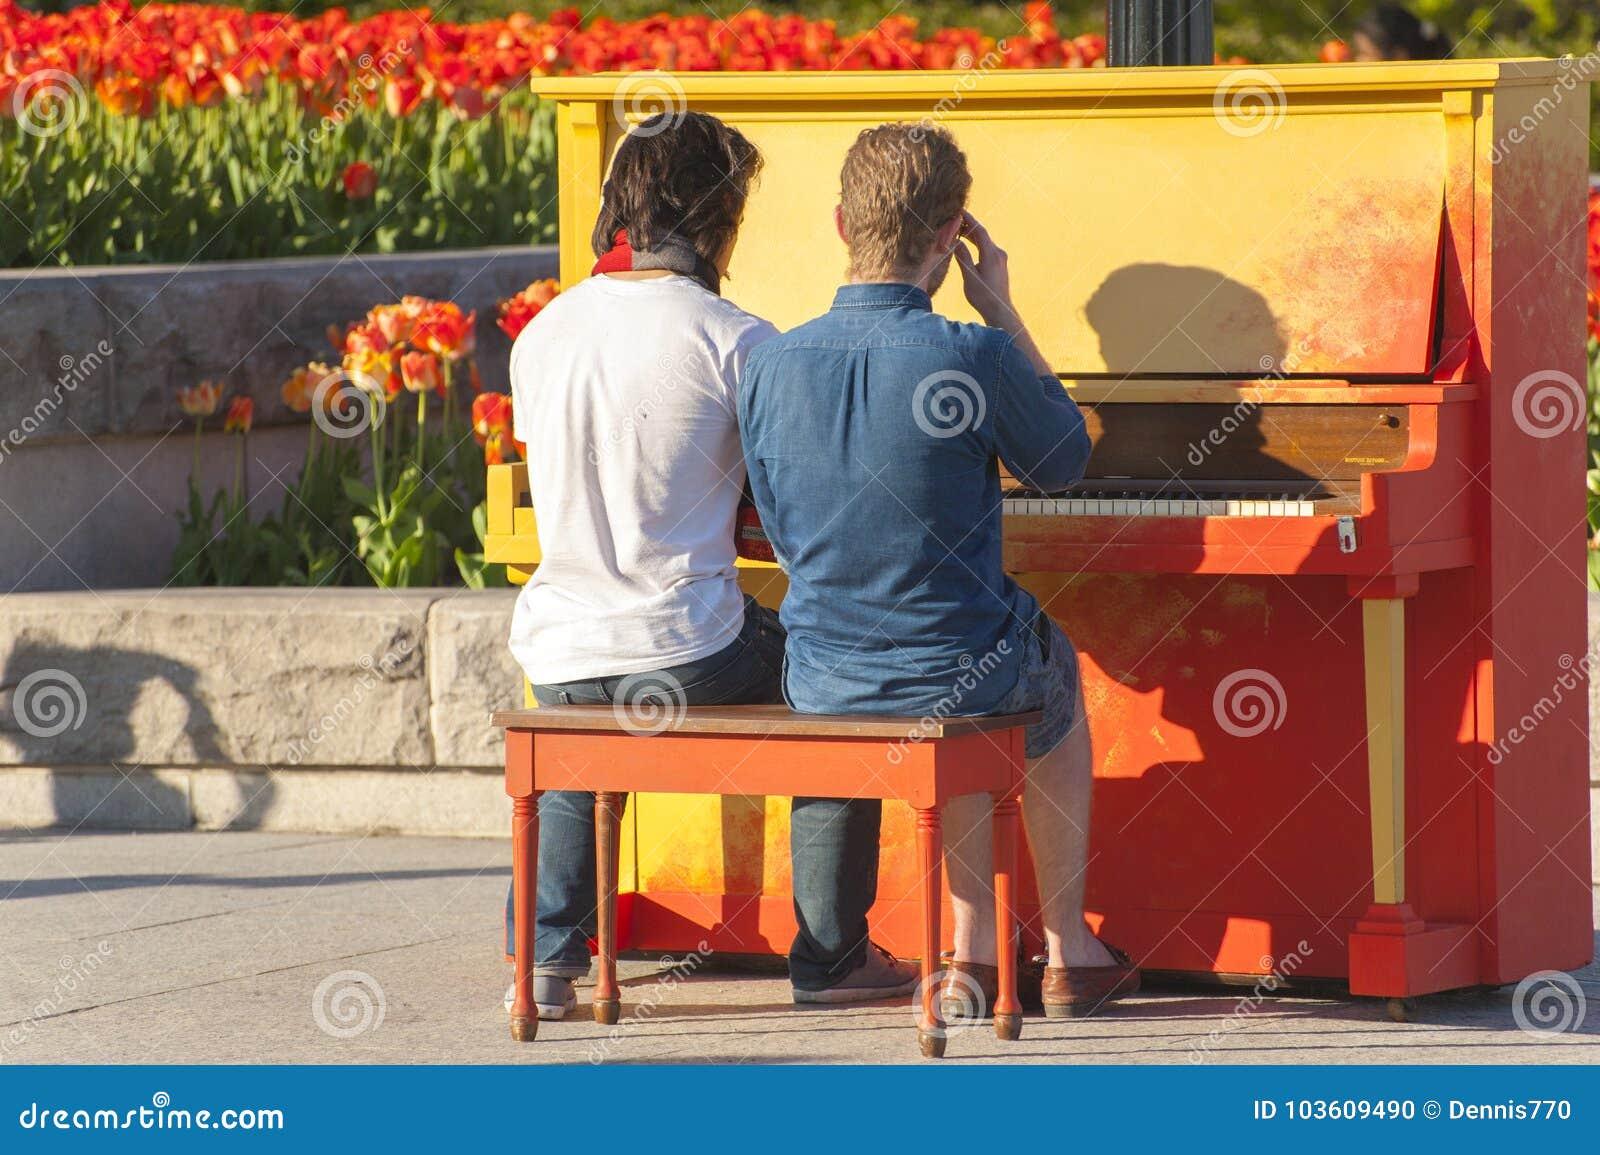 gay play piano